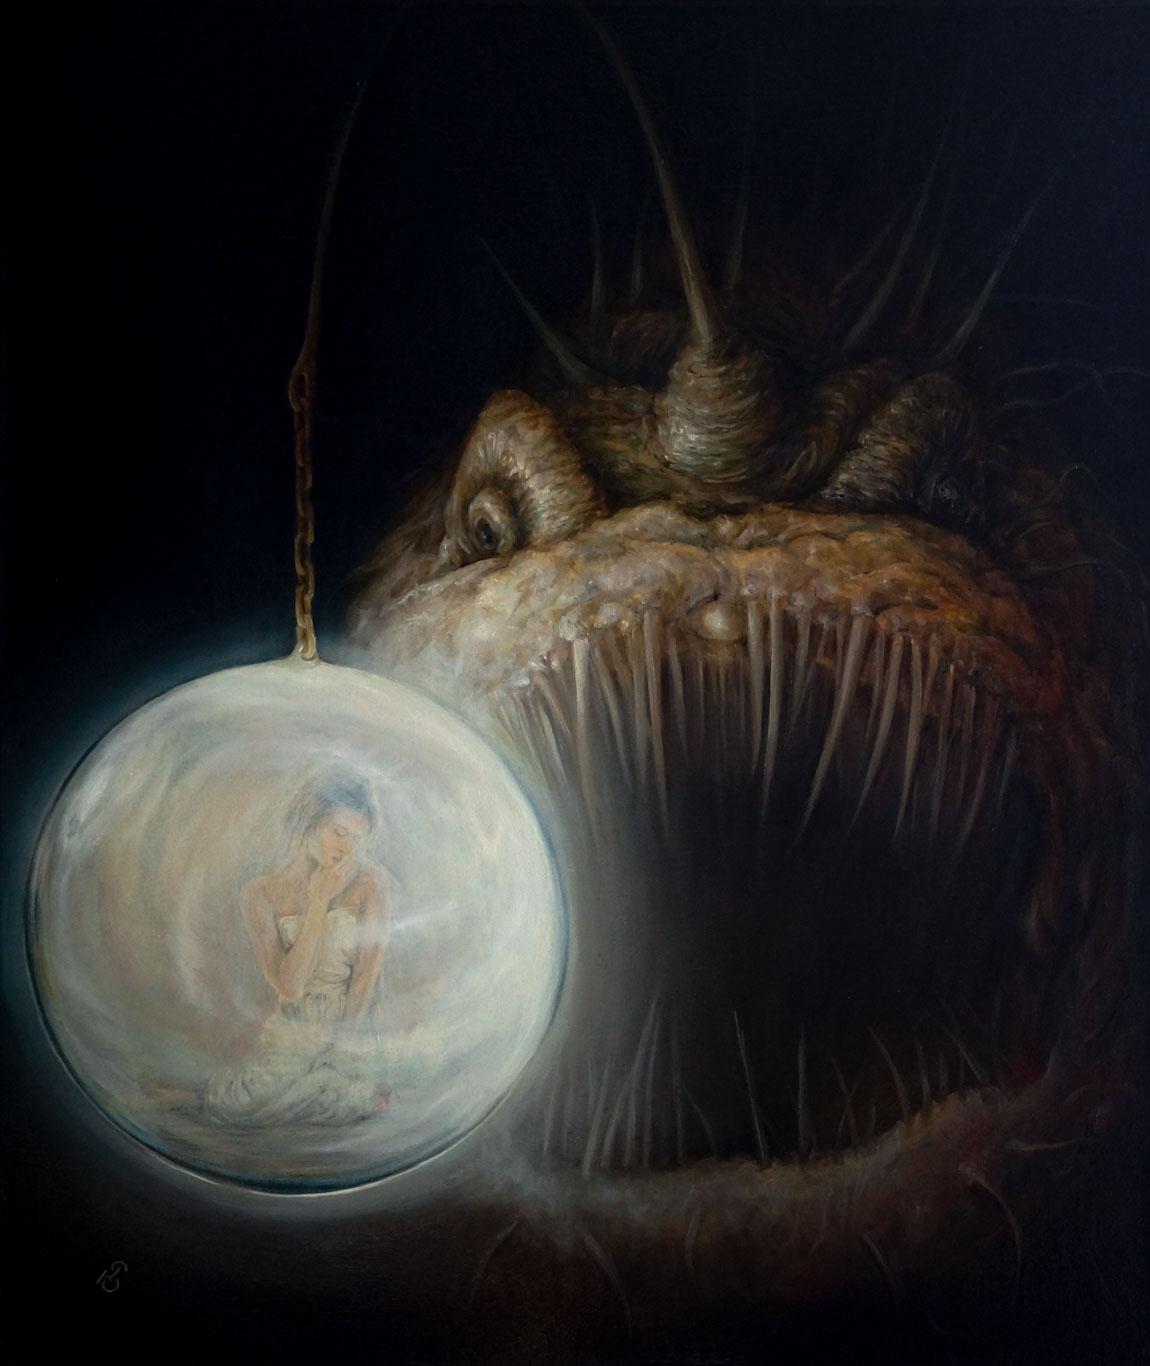 Картина «Приманка» - художник Сергей Колесников (KS), холст, масло, 60х55 см, 2019 год. Живопись в стиле - интегральный реализм.